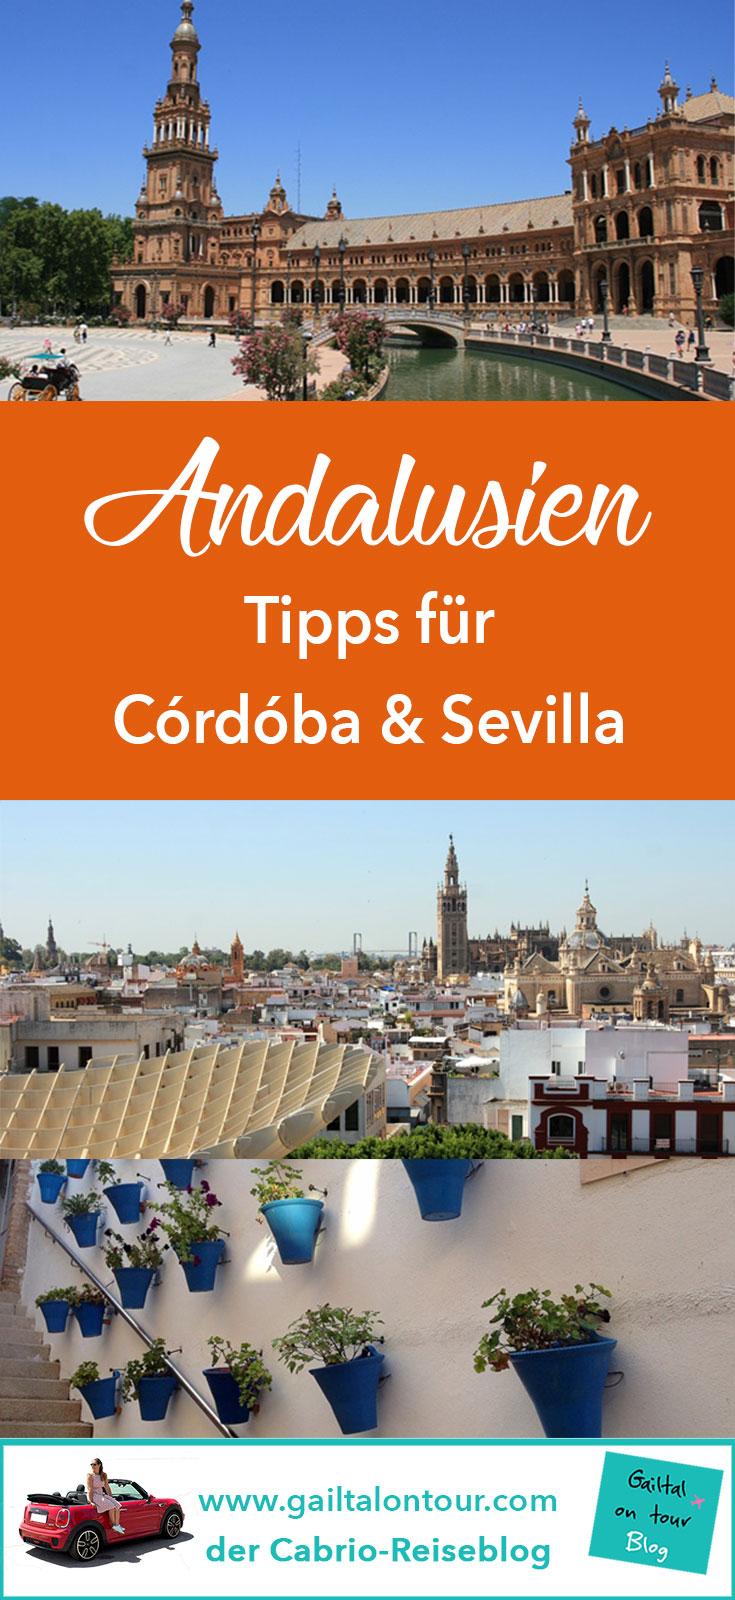 Andalusiens Städte sind wunderschön und immer eine Reise wert. #Córdóba verzaubert mit dem jüdischen Viertel, der #Juderia. In #Sevilla ist der #Metropol Parasol eine der interessantesten Sehenswürdigkeiten